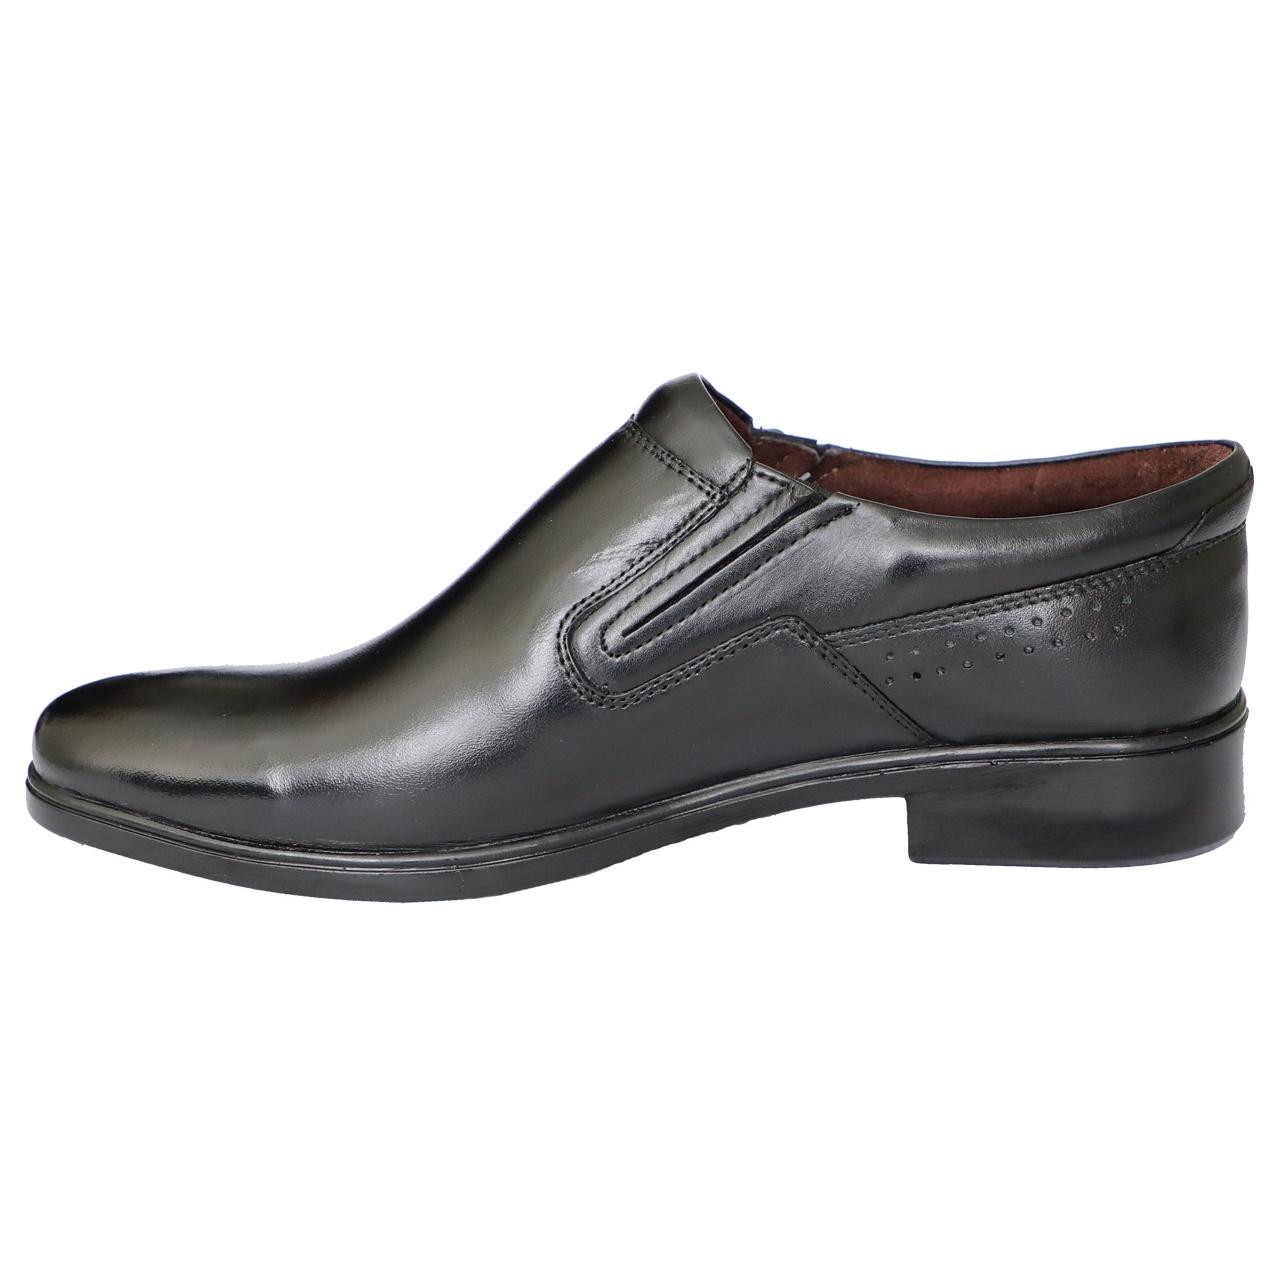 کفش مردانه چرم طبیعی نوین گام کد 000121